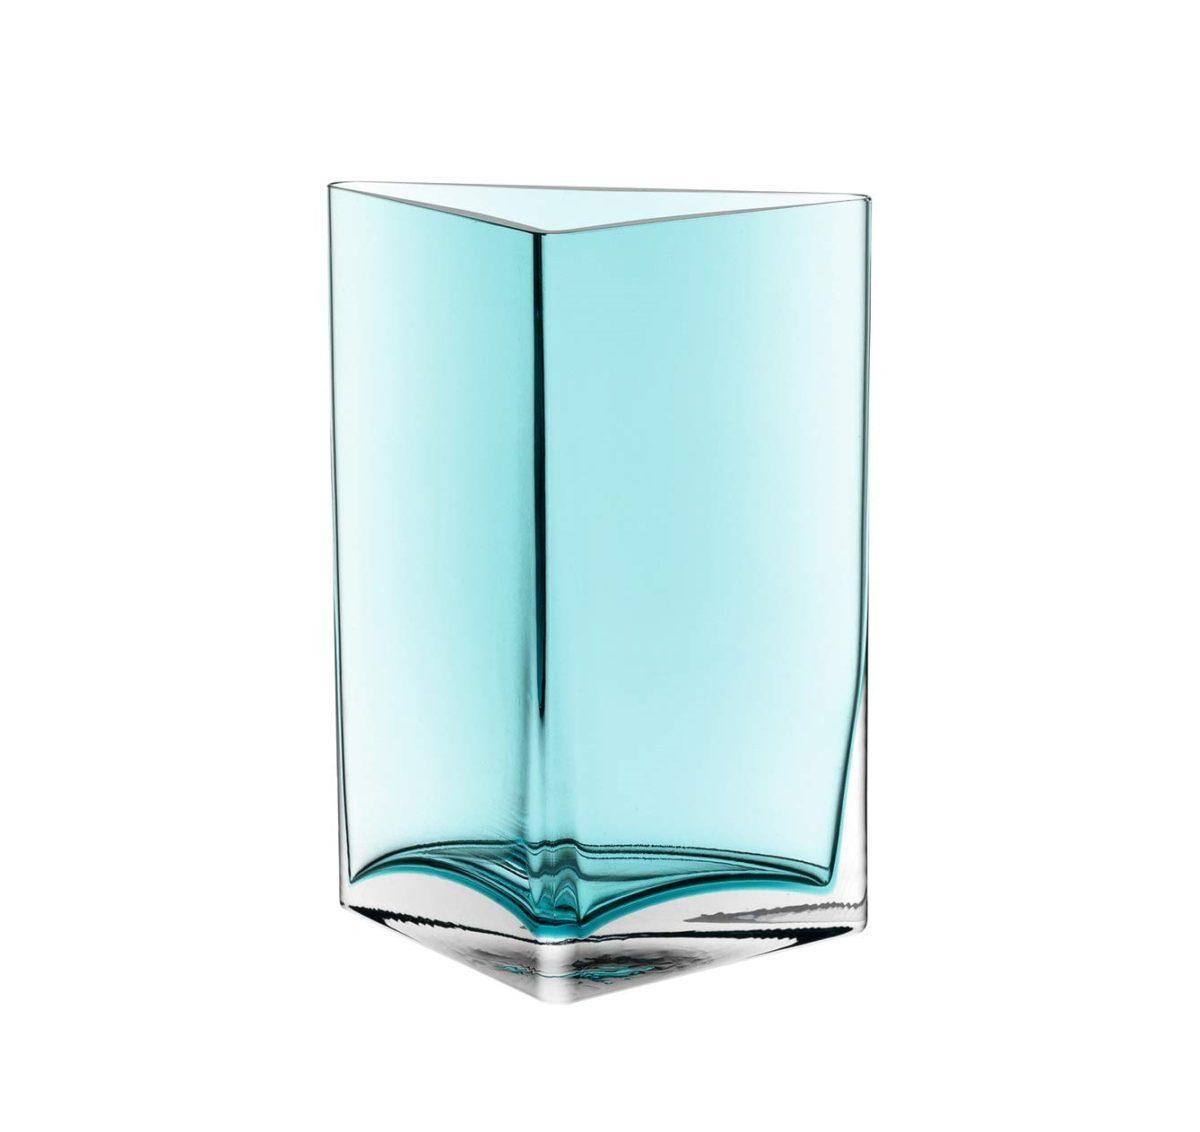 51QmpBwQqOL. SL1053  1200x1132 - Vază decorativă triunghiulară Centro turquoise 23 cm (L046951)